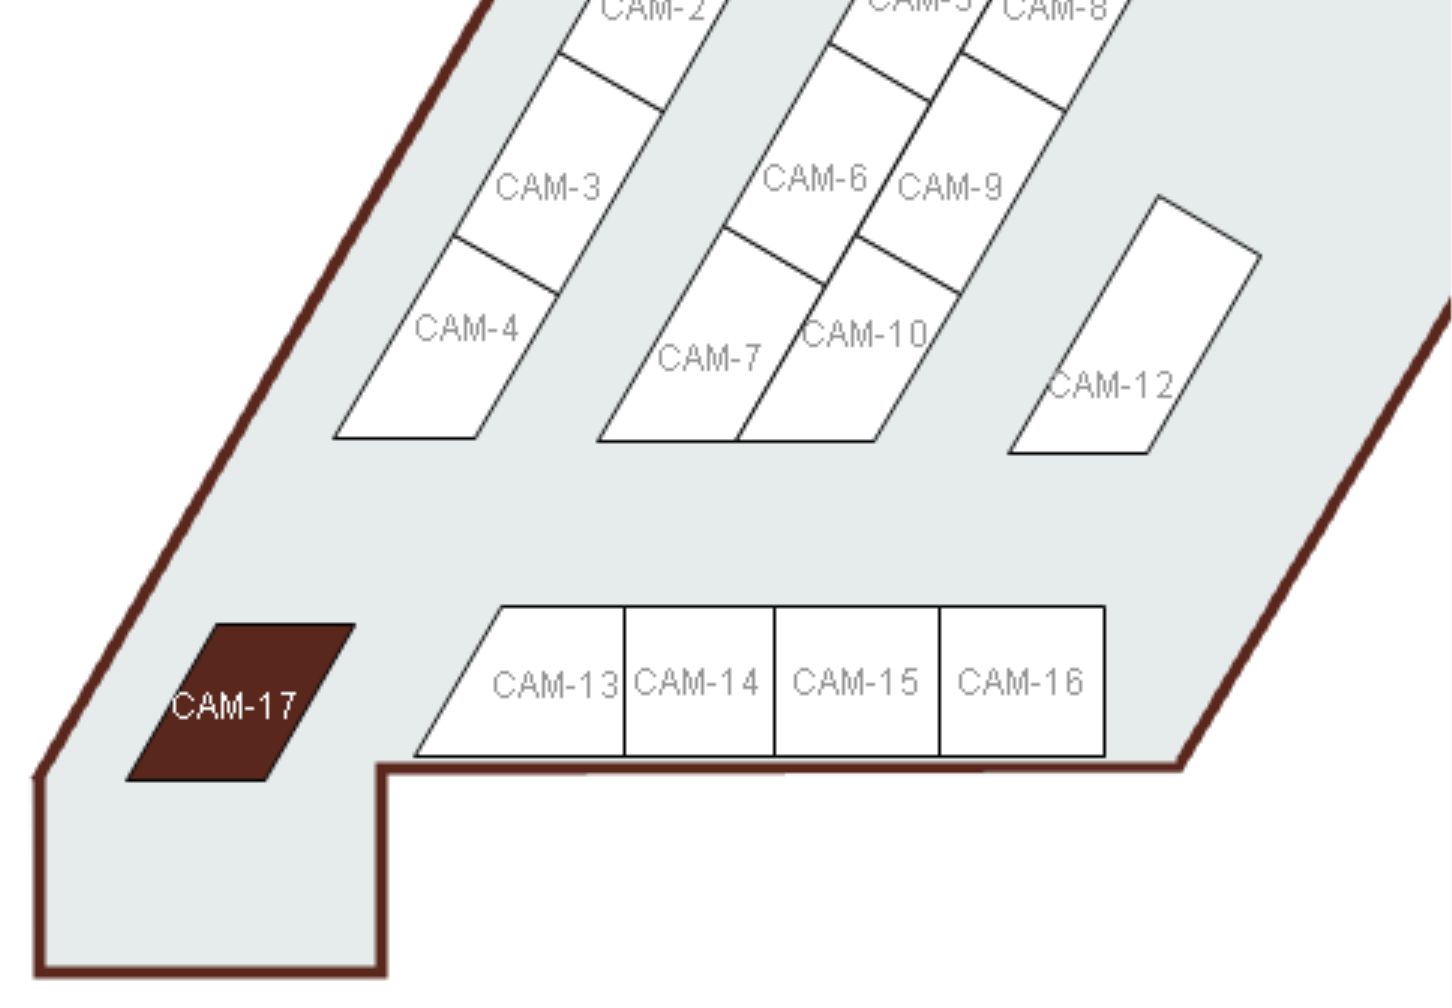 FOYWEST / CAM-17